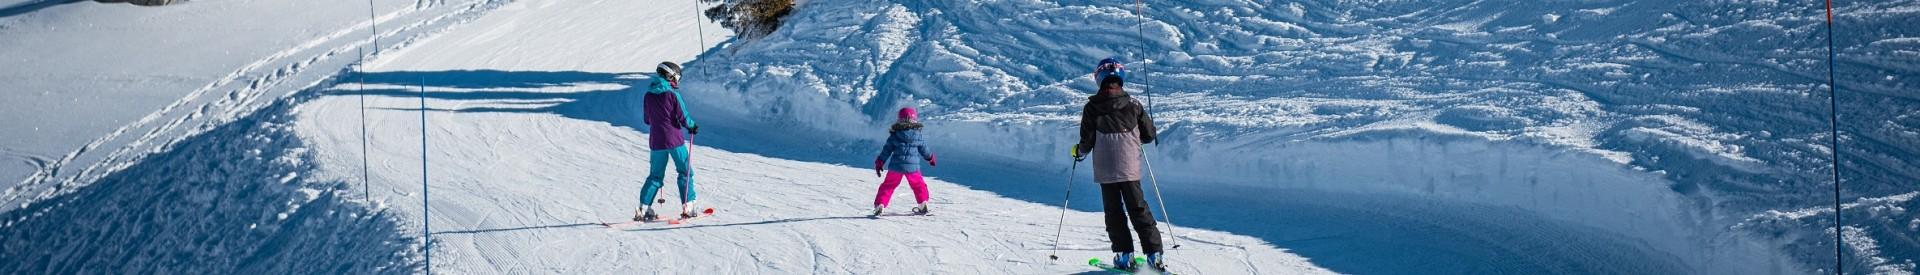 Ski alpin en famille aux Aillons-Margériaz